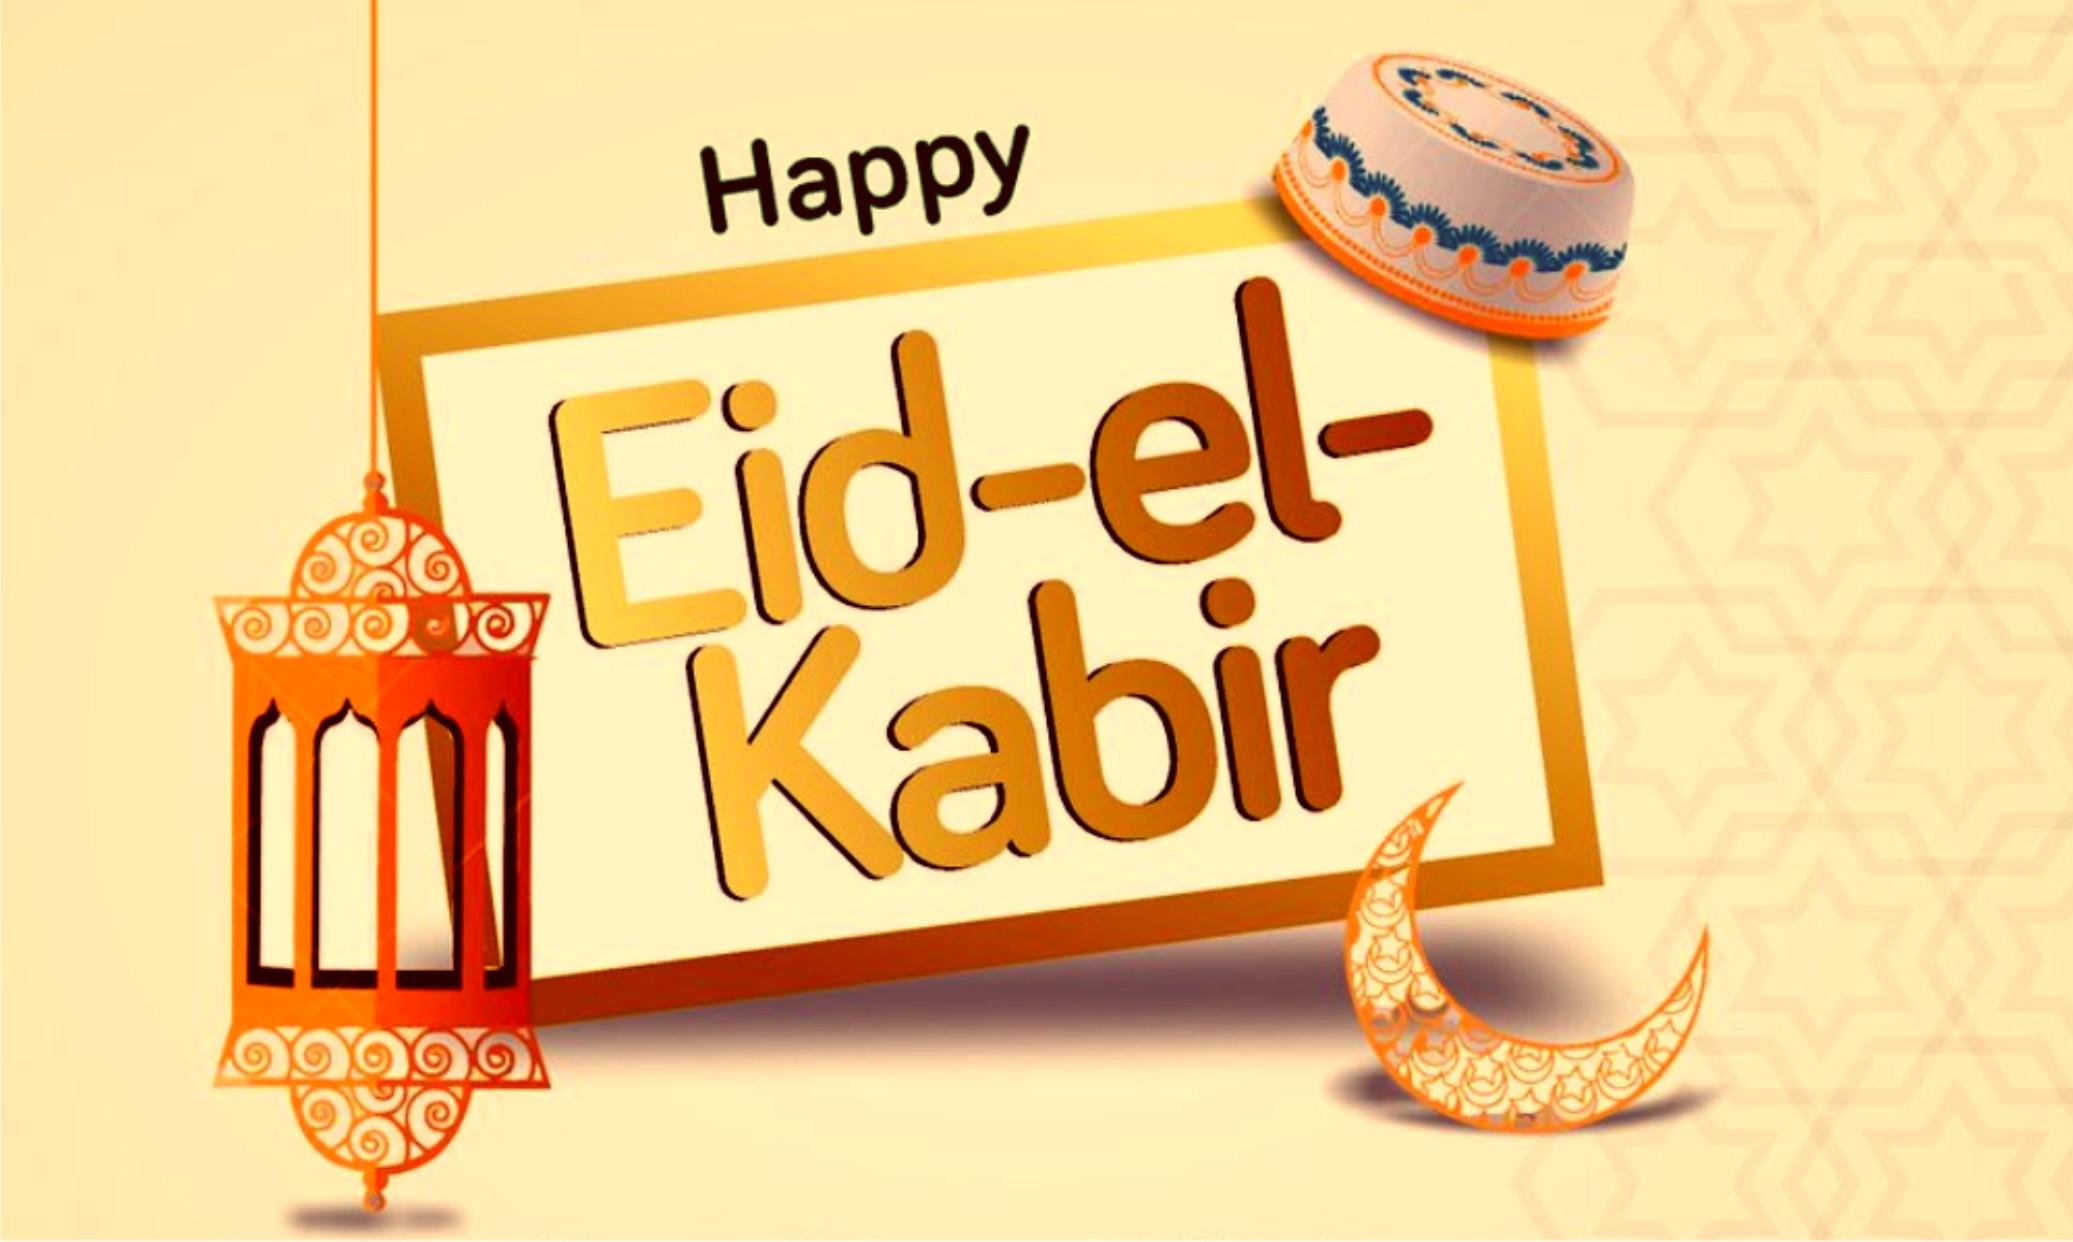 HAPPY EID EL-KABIR